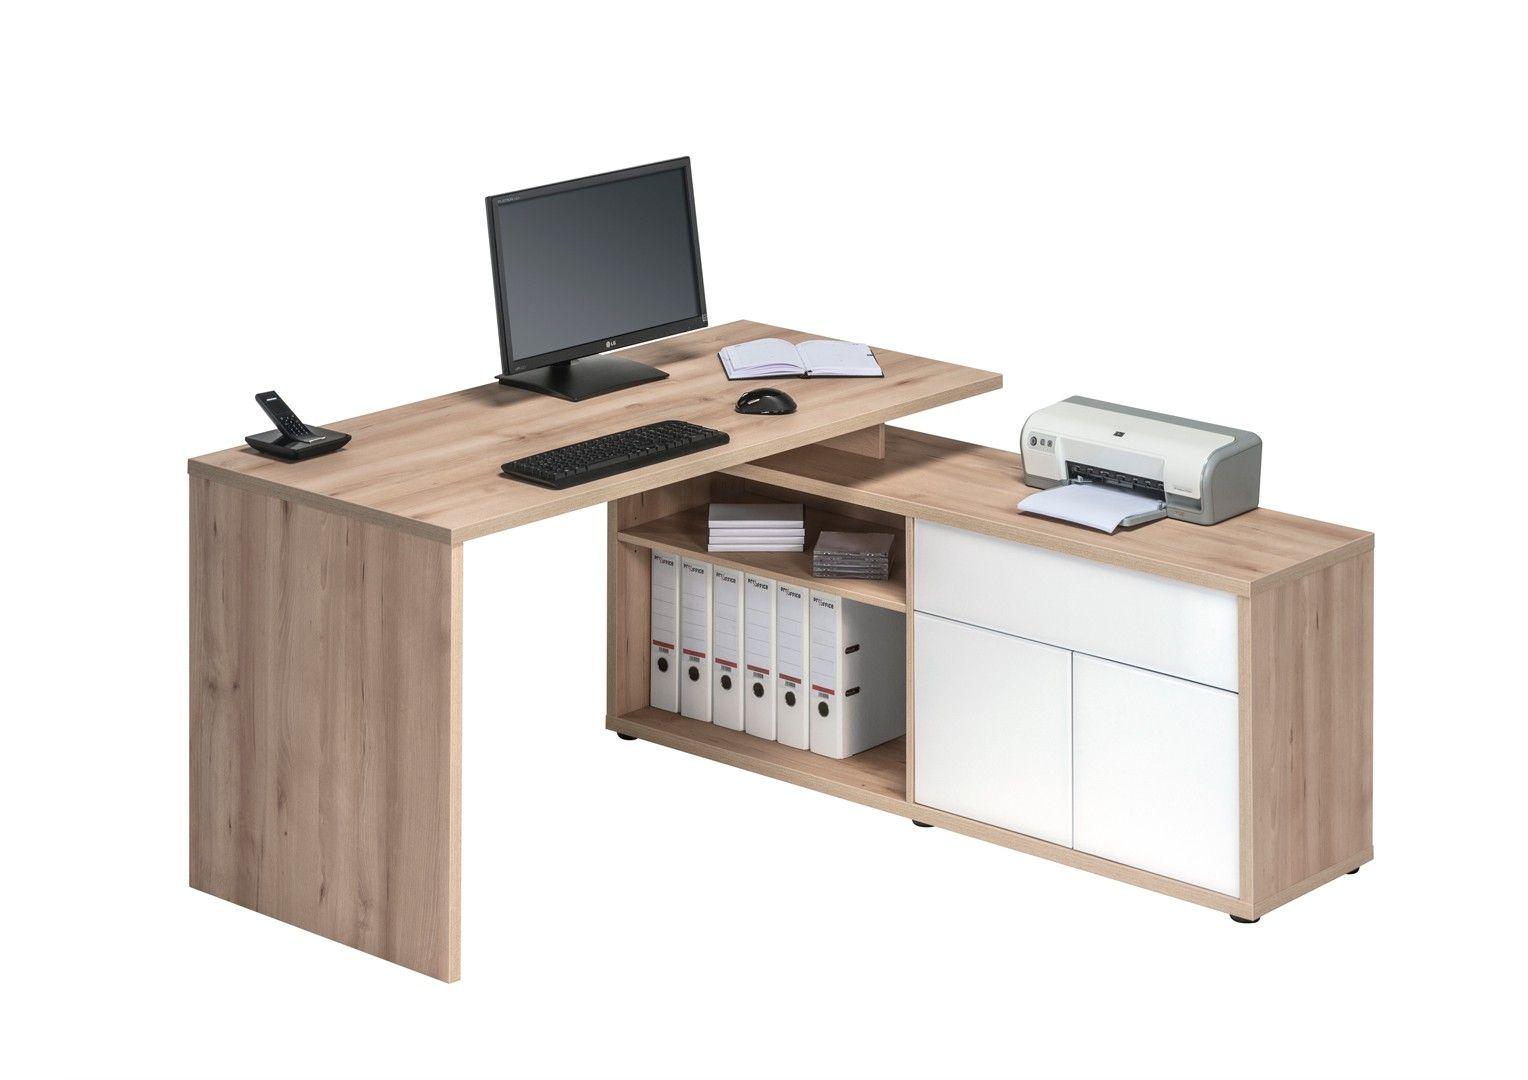 Finlandek Bureau D Angle TyÖ Contemporain Décor Chêne Clair Et Blanc Mat L 140 Cm Desks Workplace And Bureaus